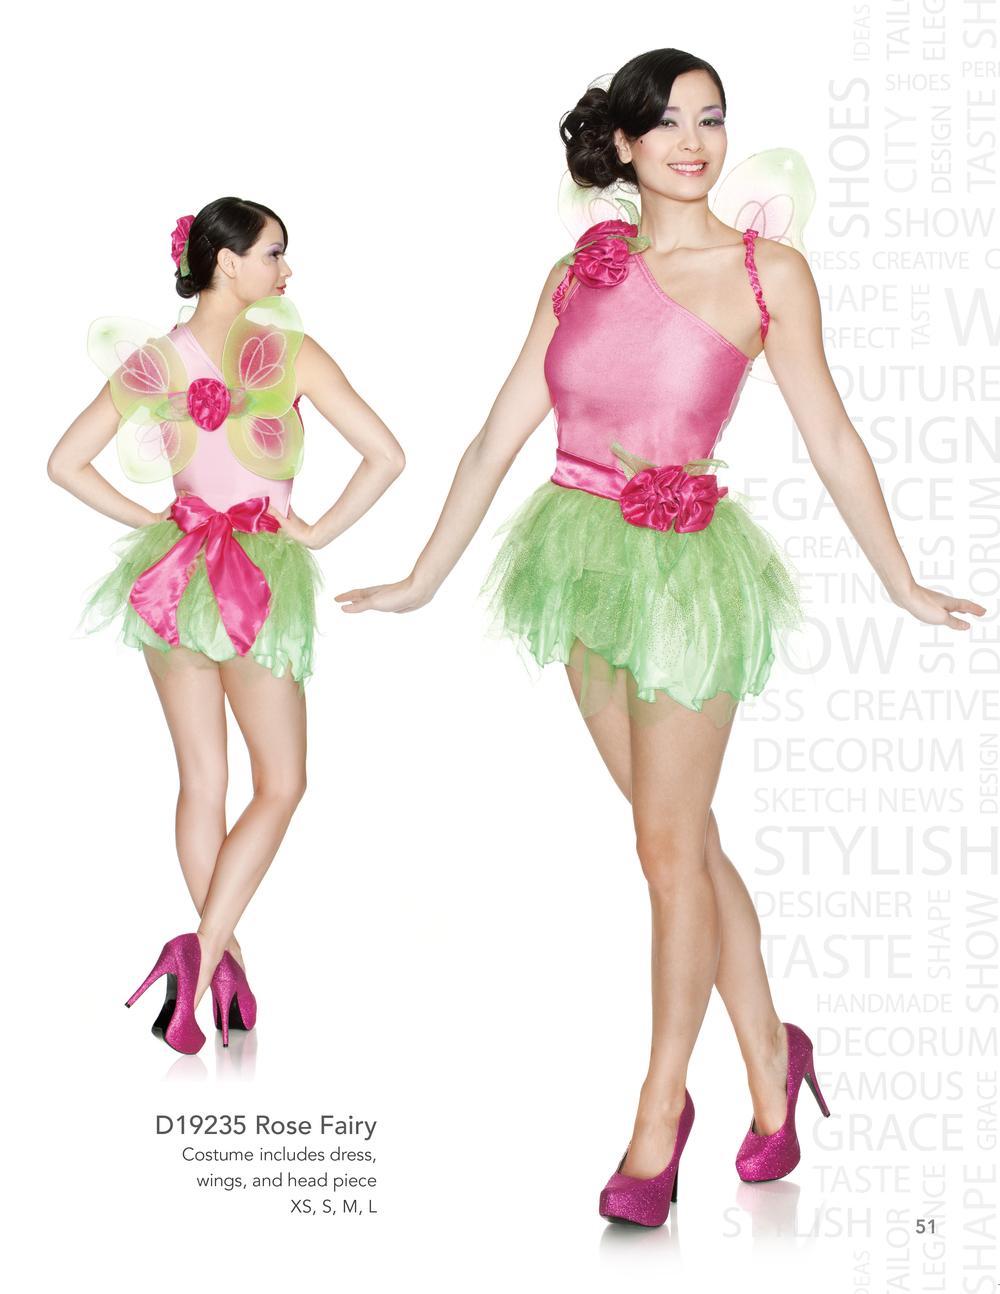 D19235 Rose Fairy